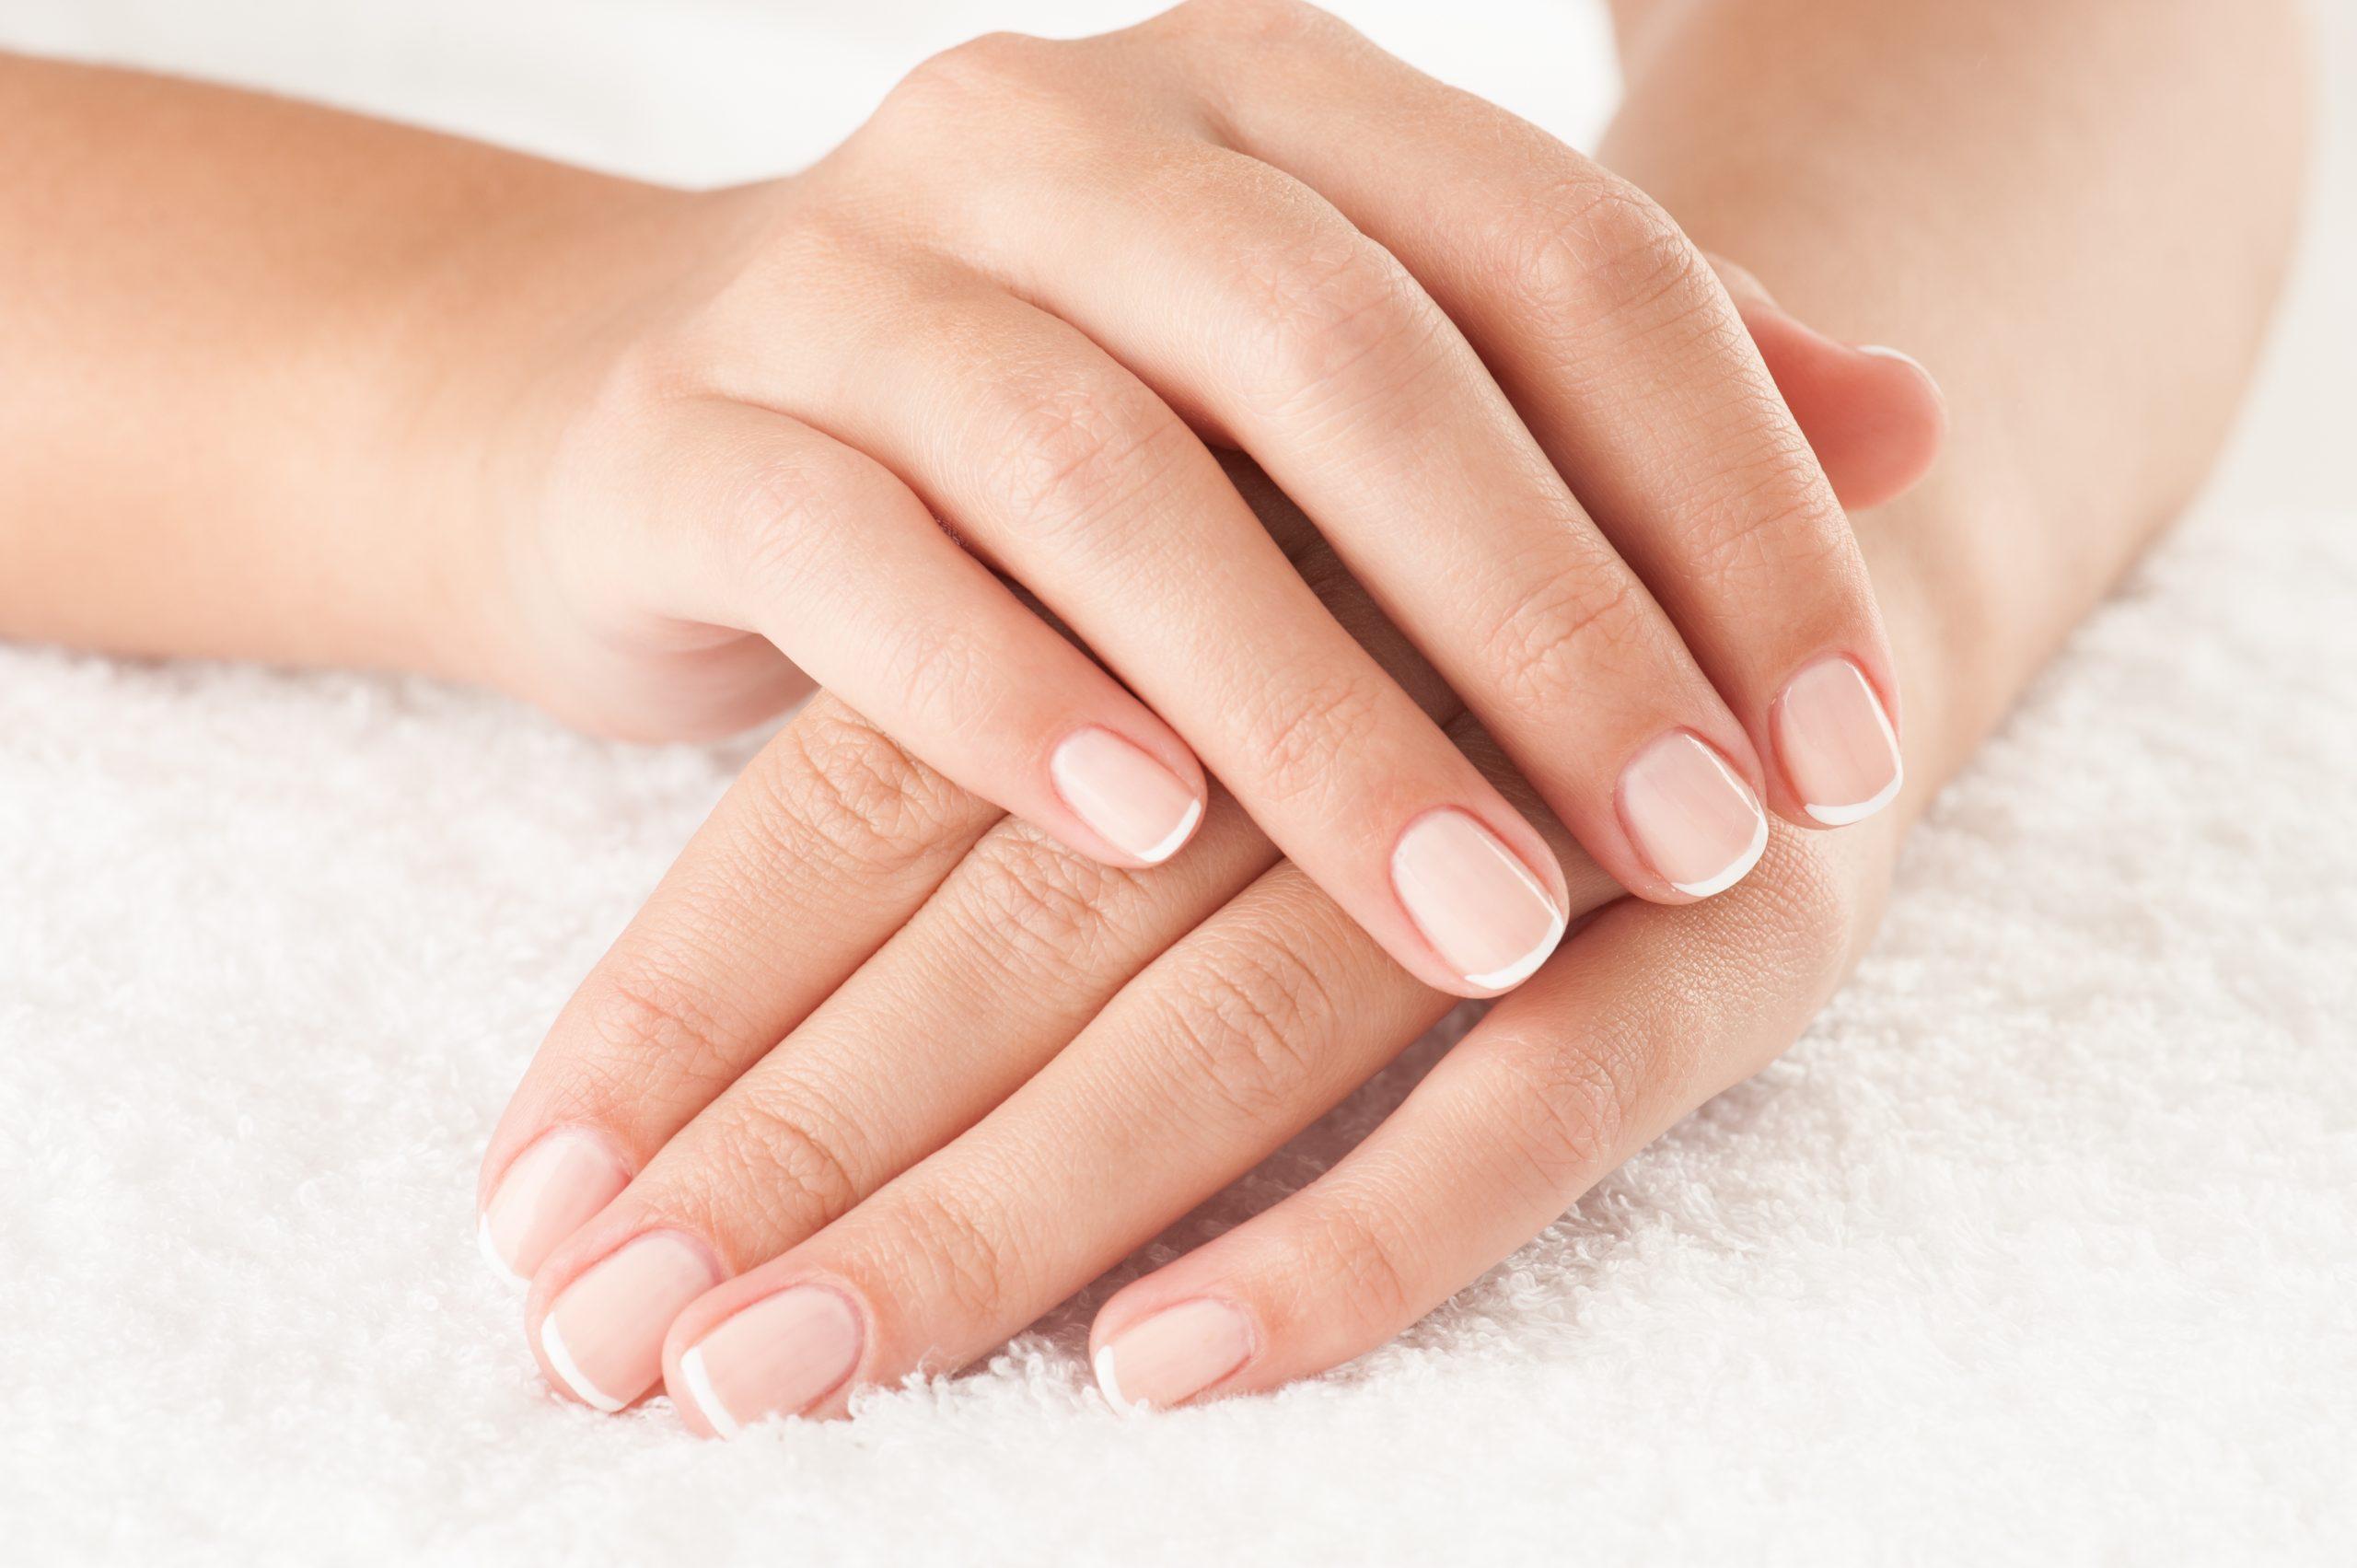 Mani secche e prurito? I consigli della dermatologa